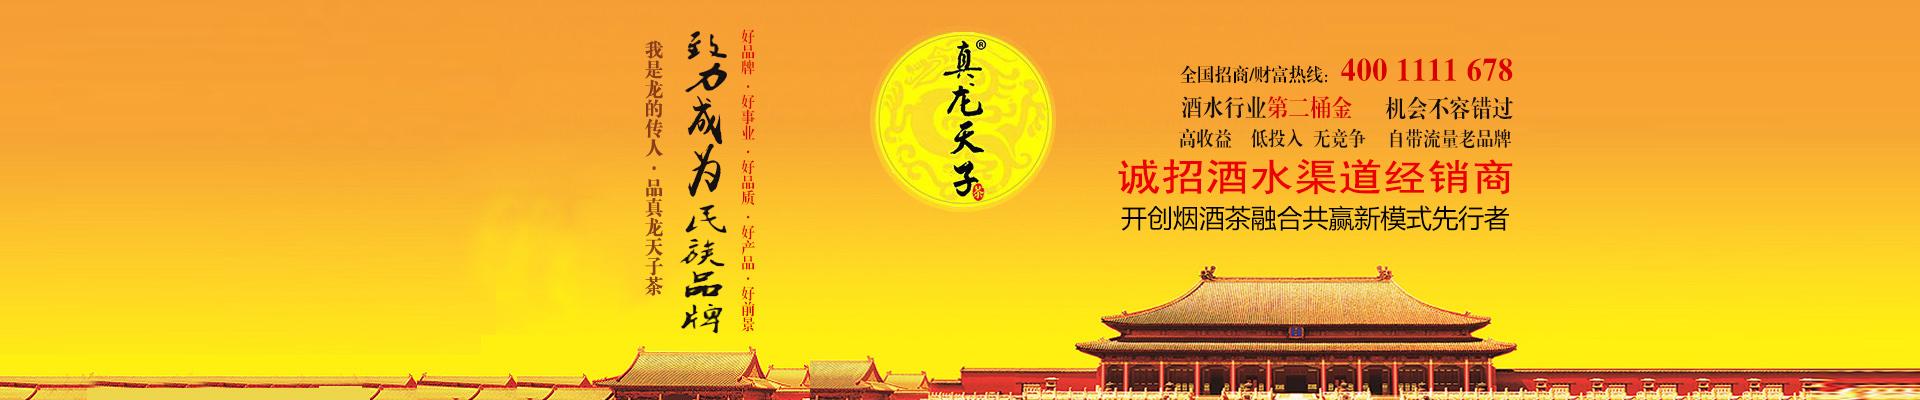 真龙天子茶全国运营中心